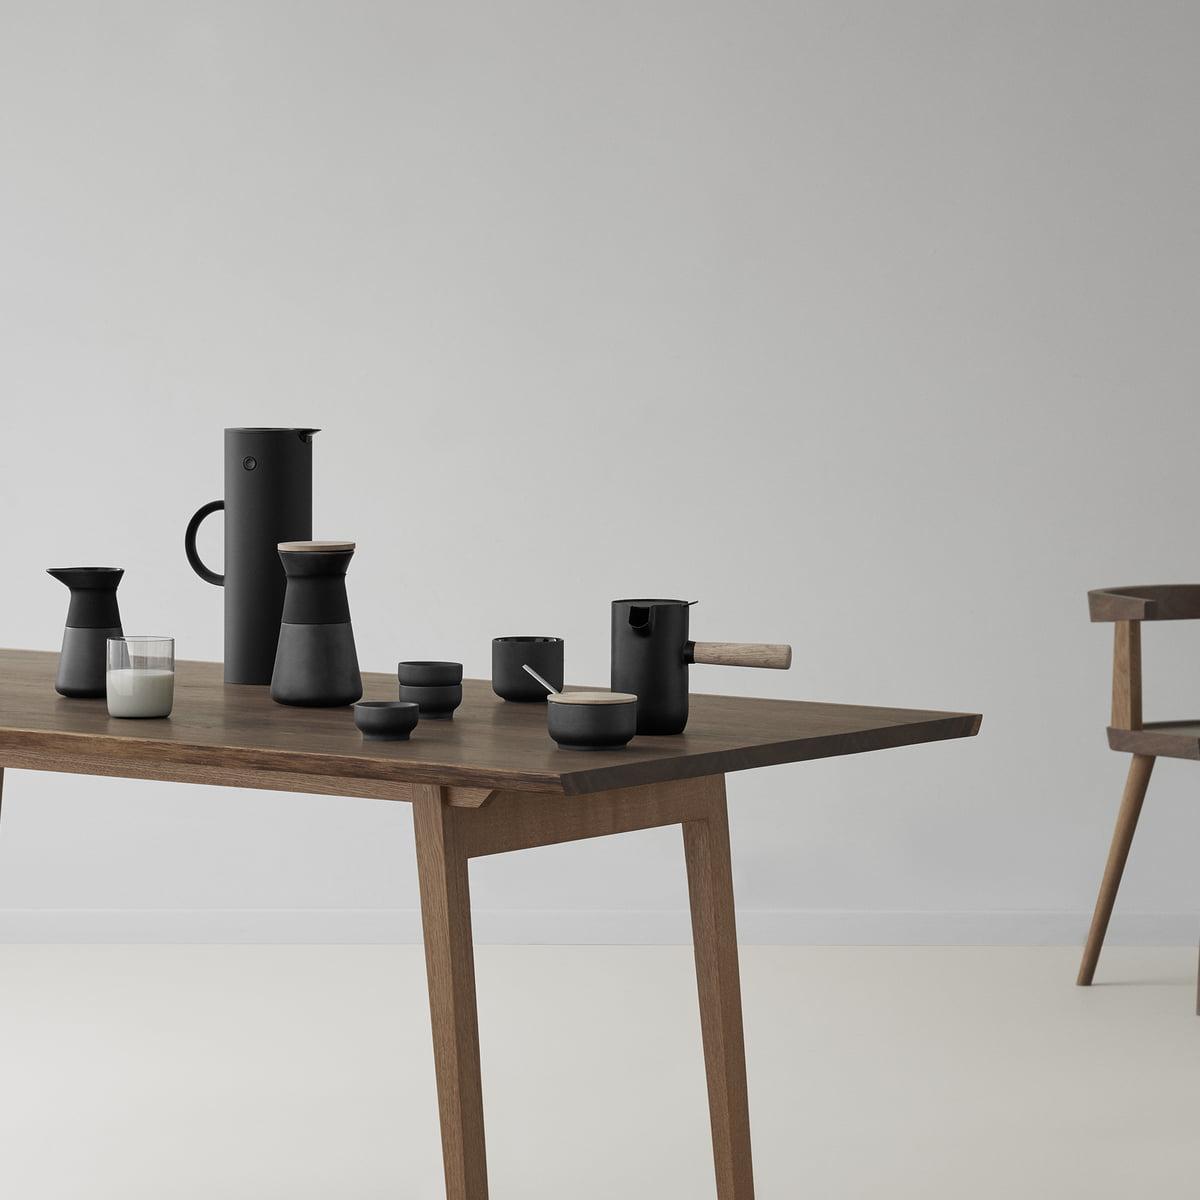 Stelton Collar Serie Kaffeemuehlt Thermoskanne Milchkaennchen Tisch  Ambiente